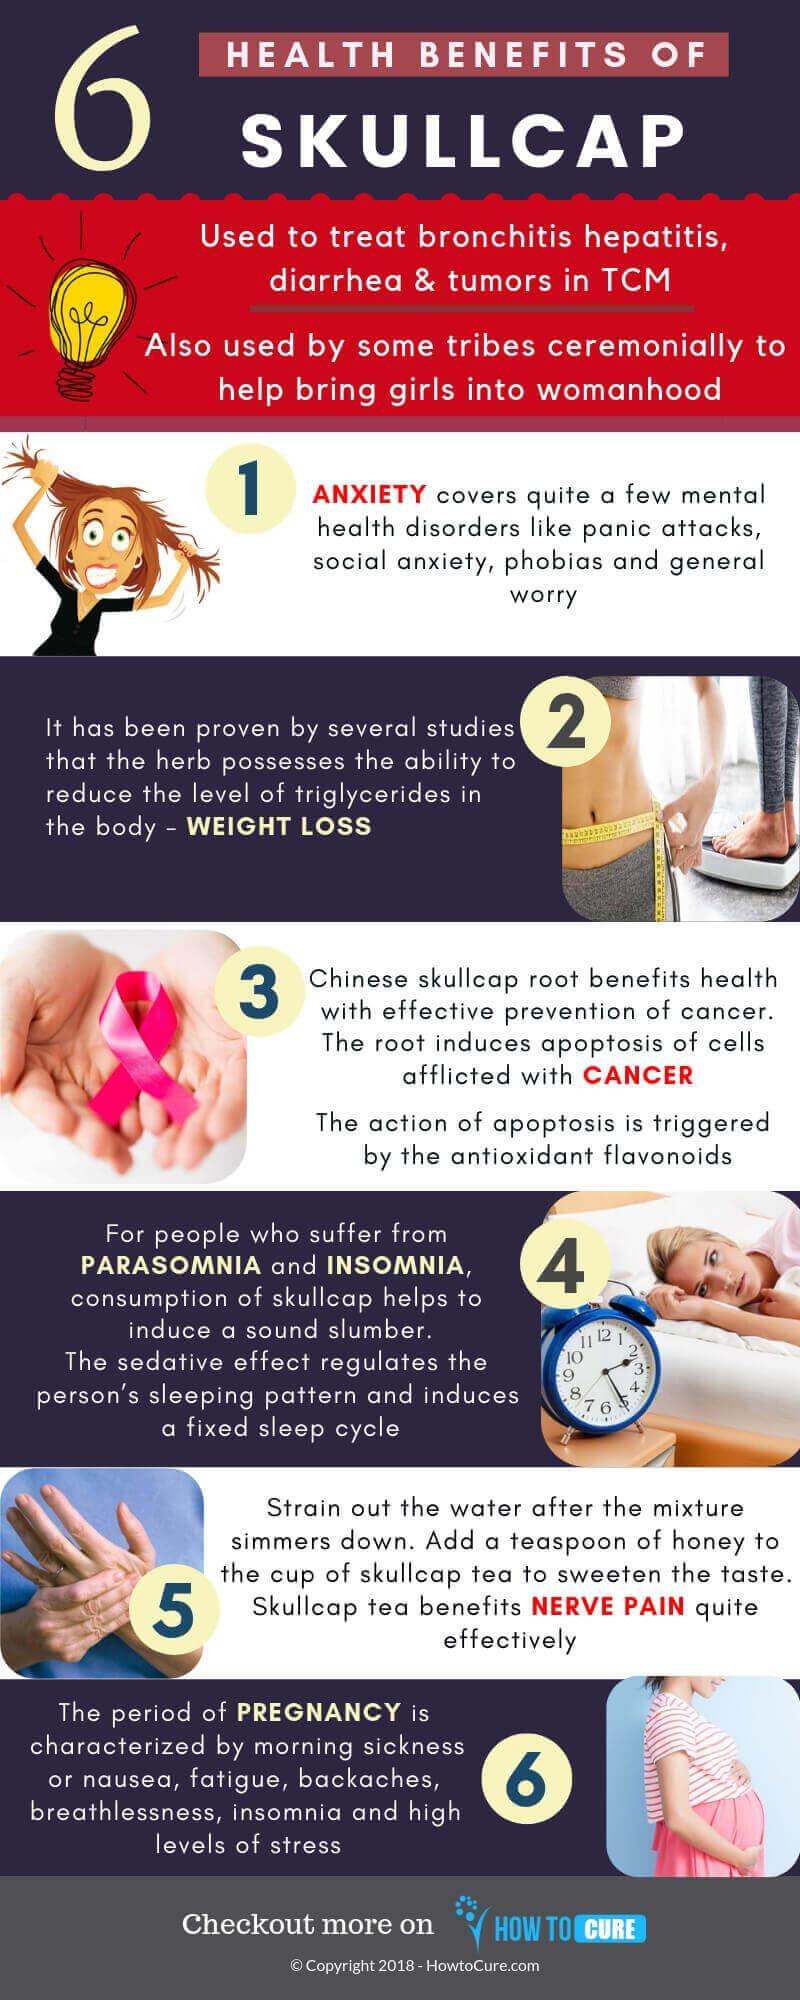 health benefits of skullcap - infographic